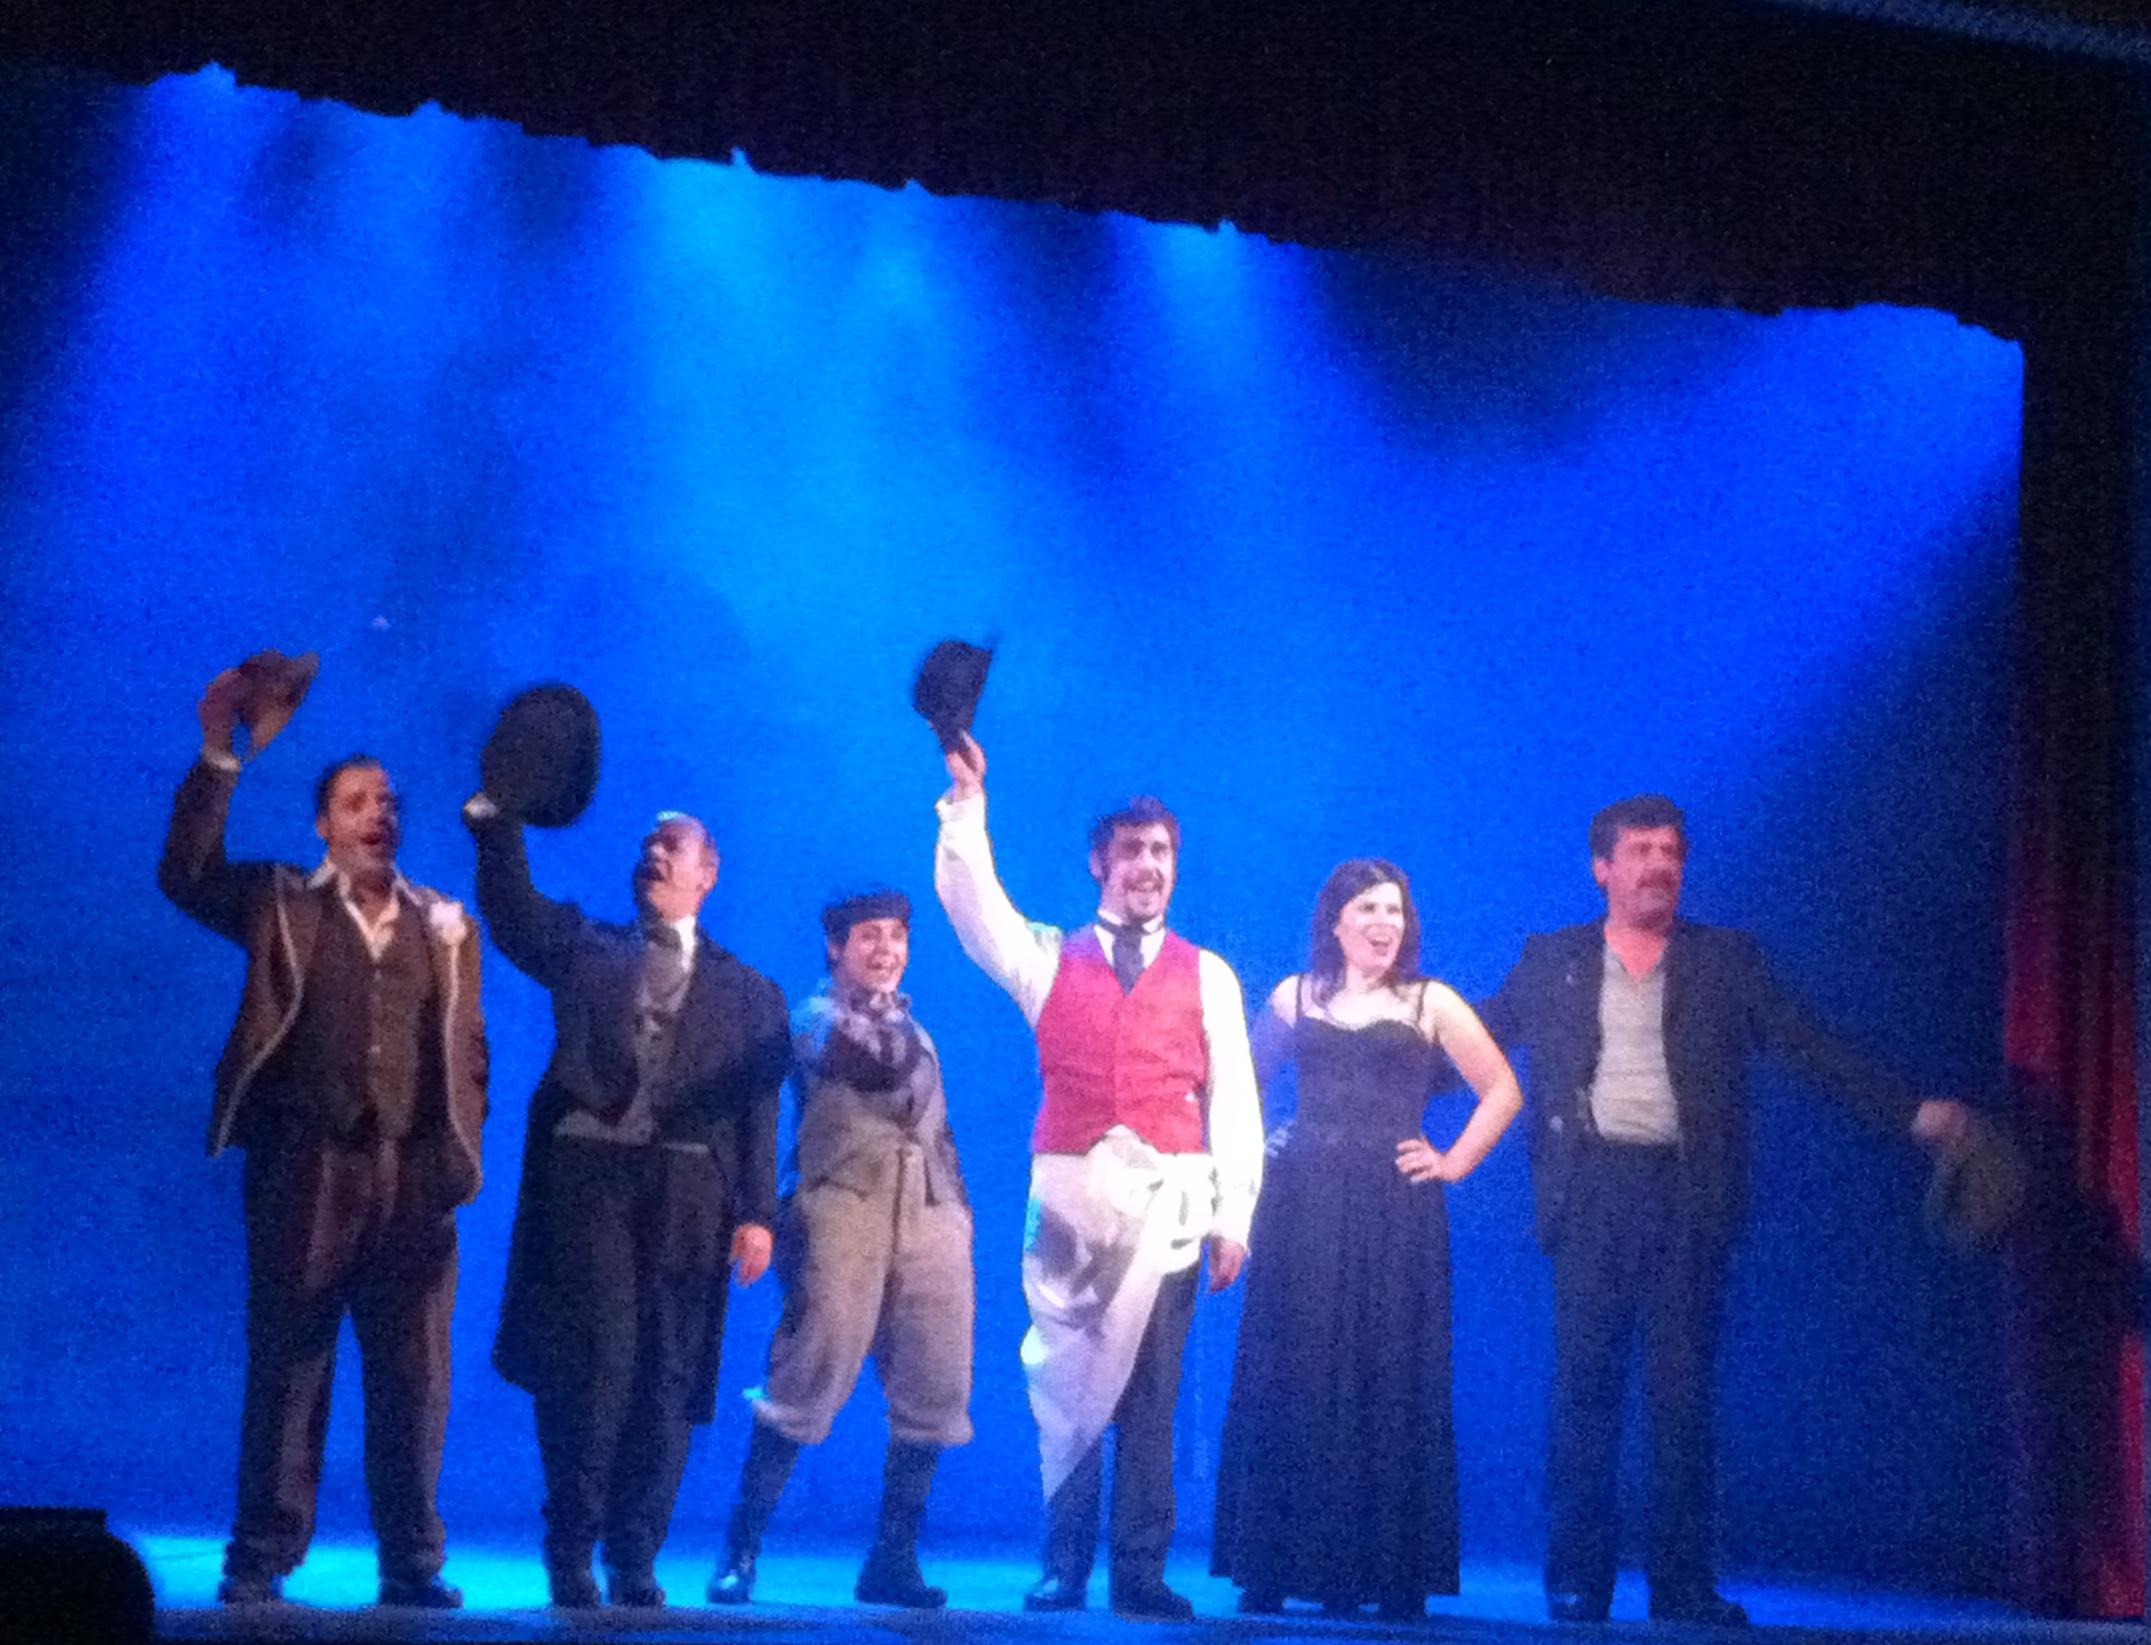 La Vampira del Raval, musical burlesco tragicómico